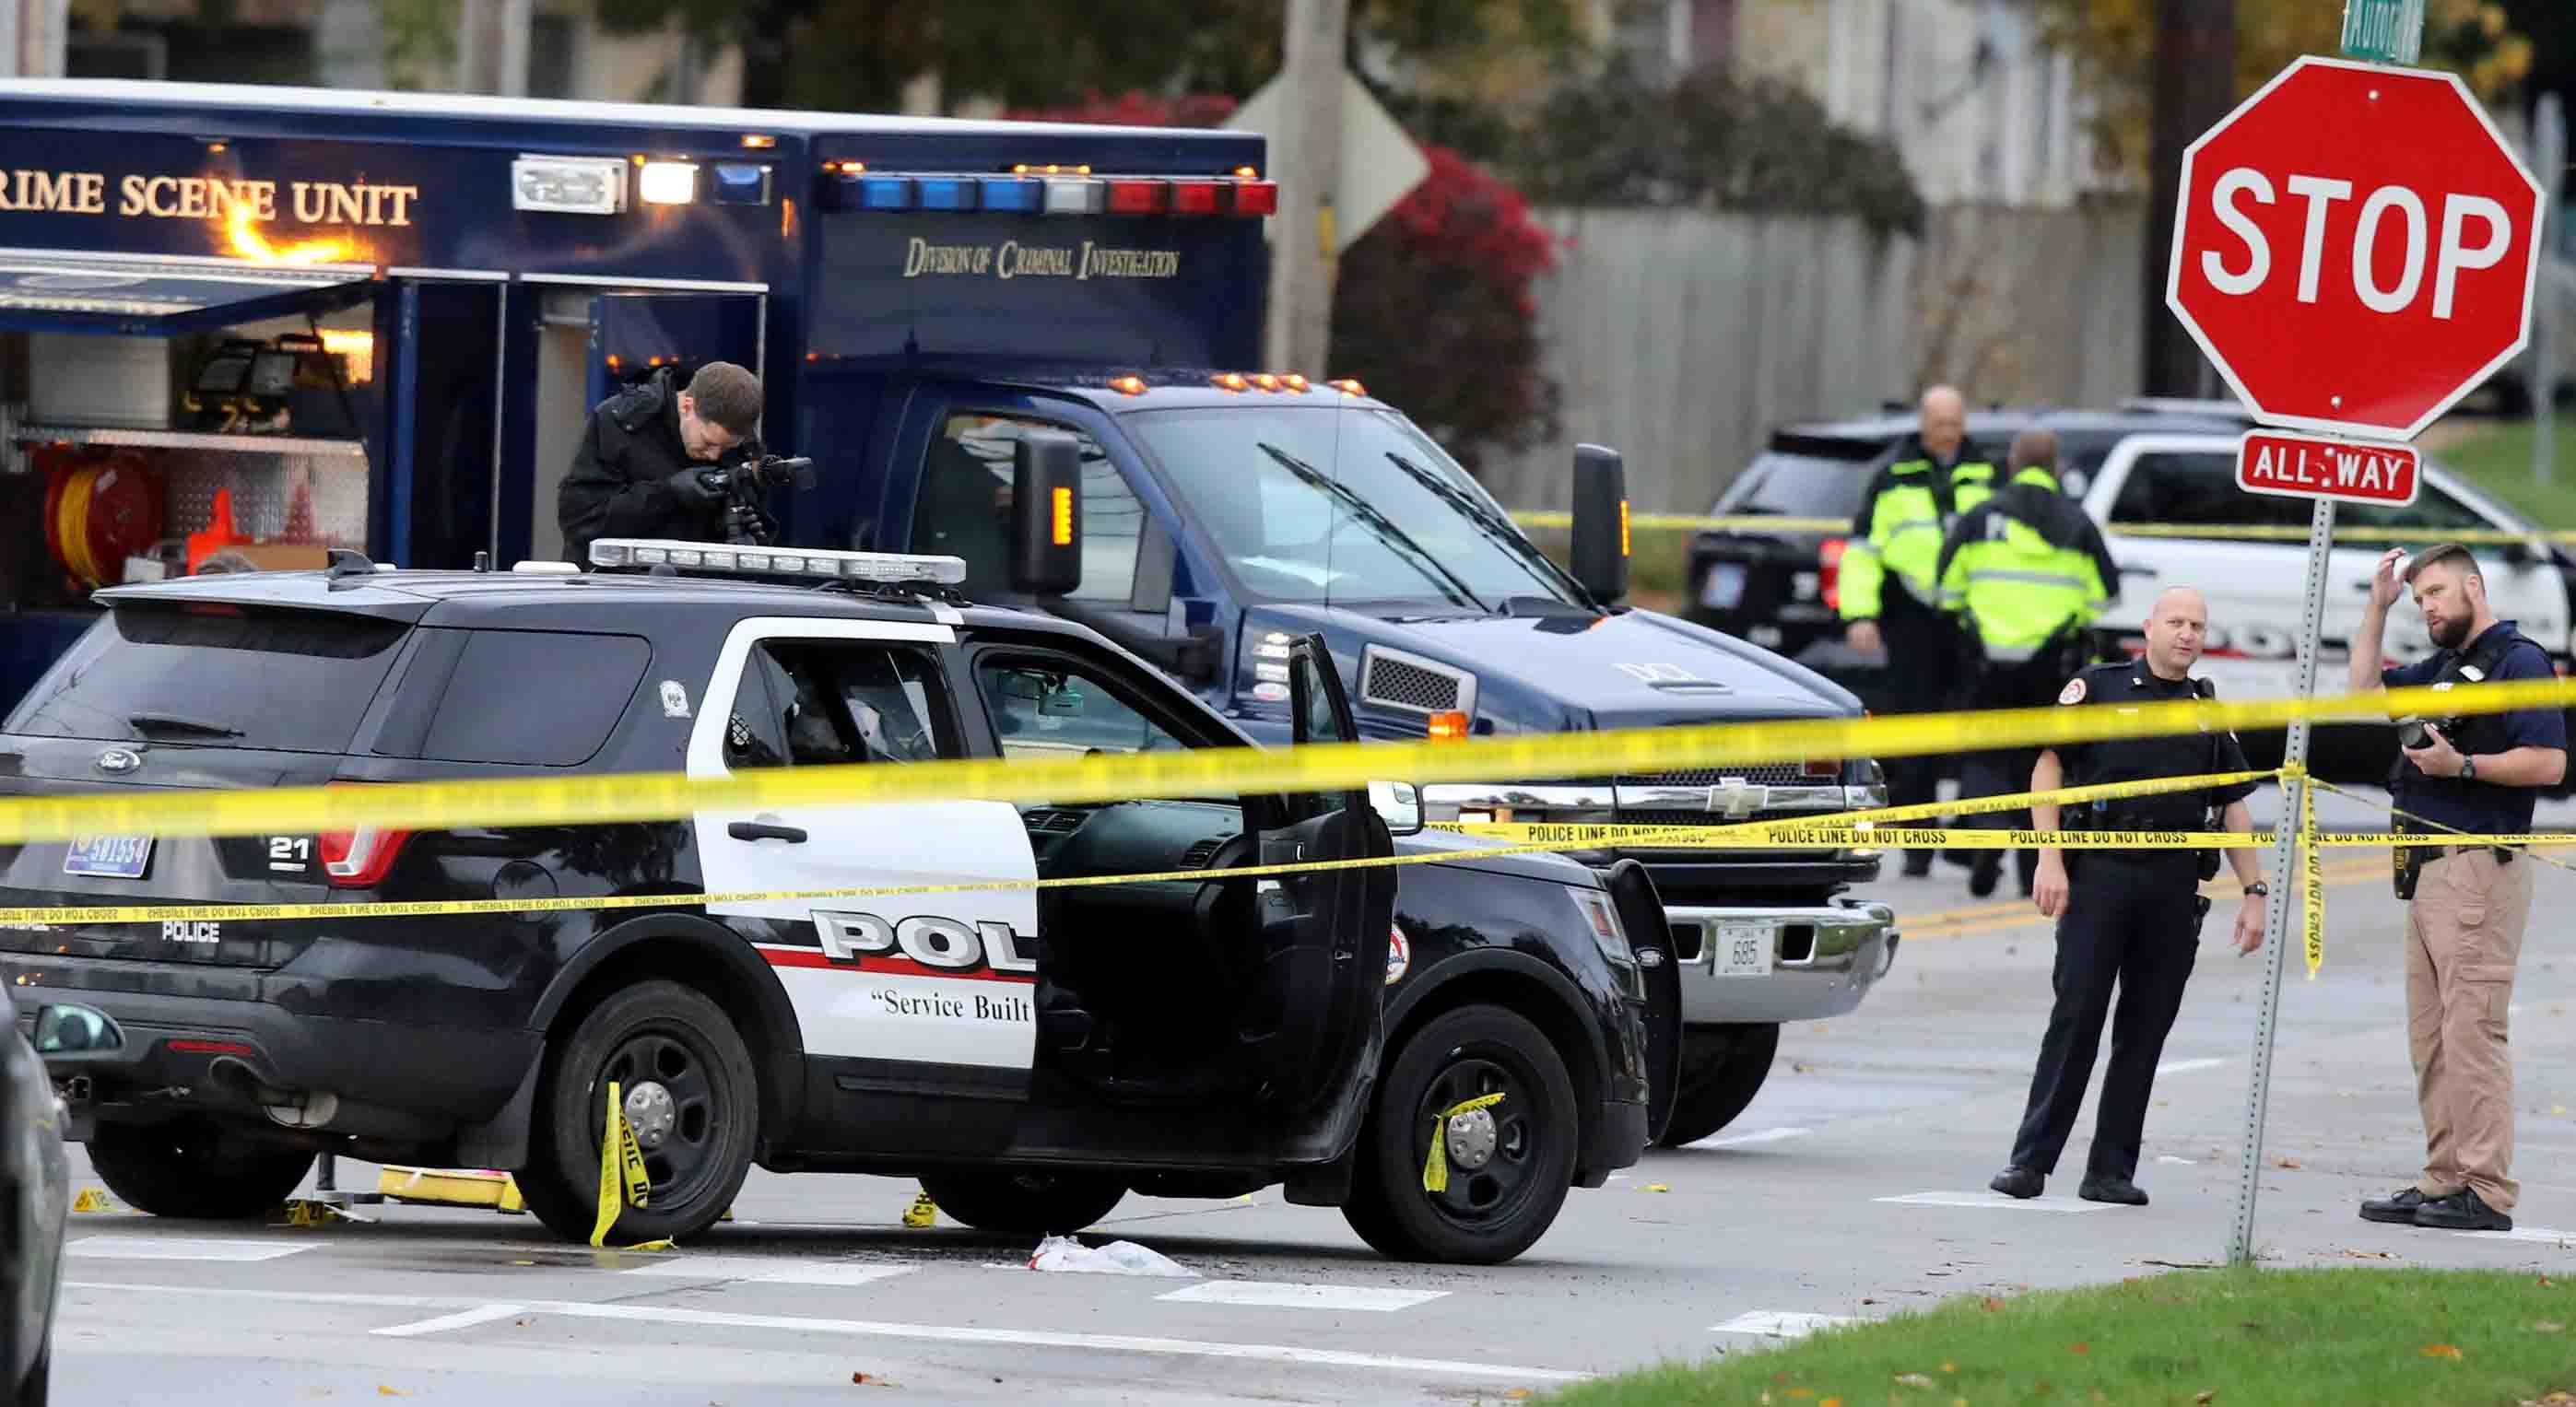 El cuerpo de seguridad indica que se trato de dos embocadas en distintos puntos, por ahora se encuentran en la búsqueda de un sospechoso